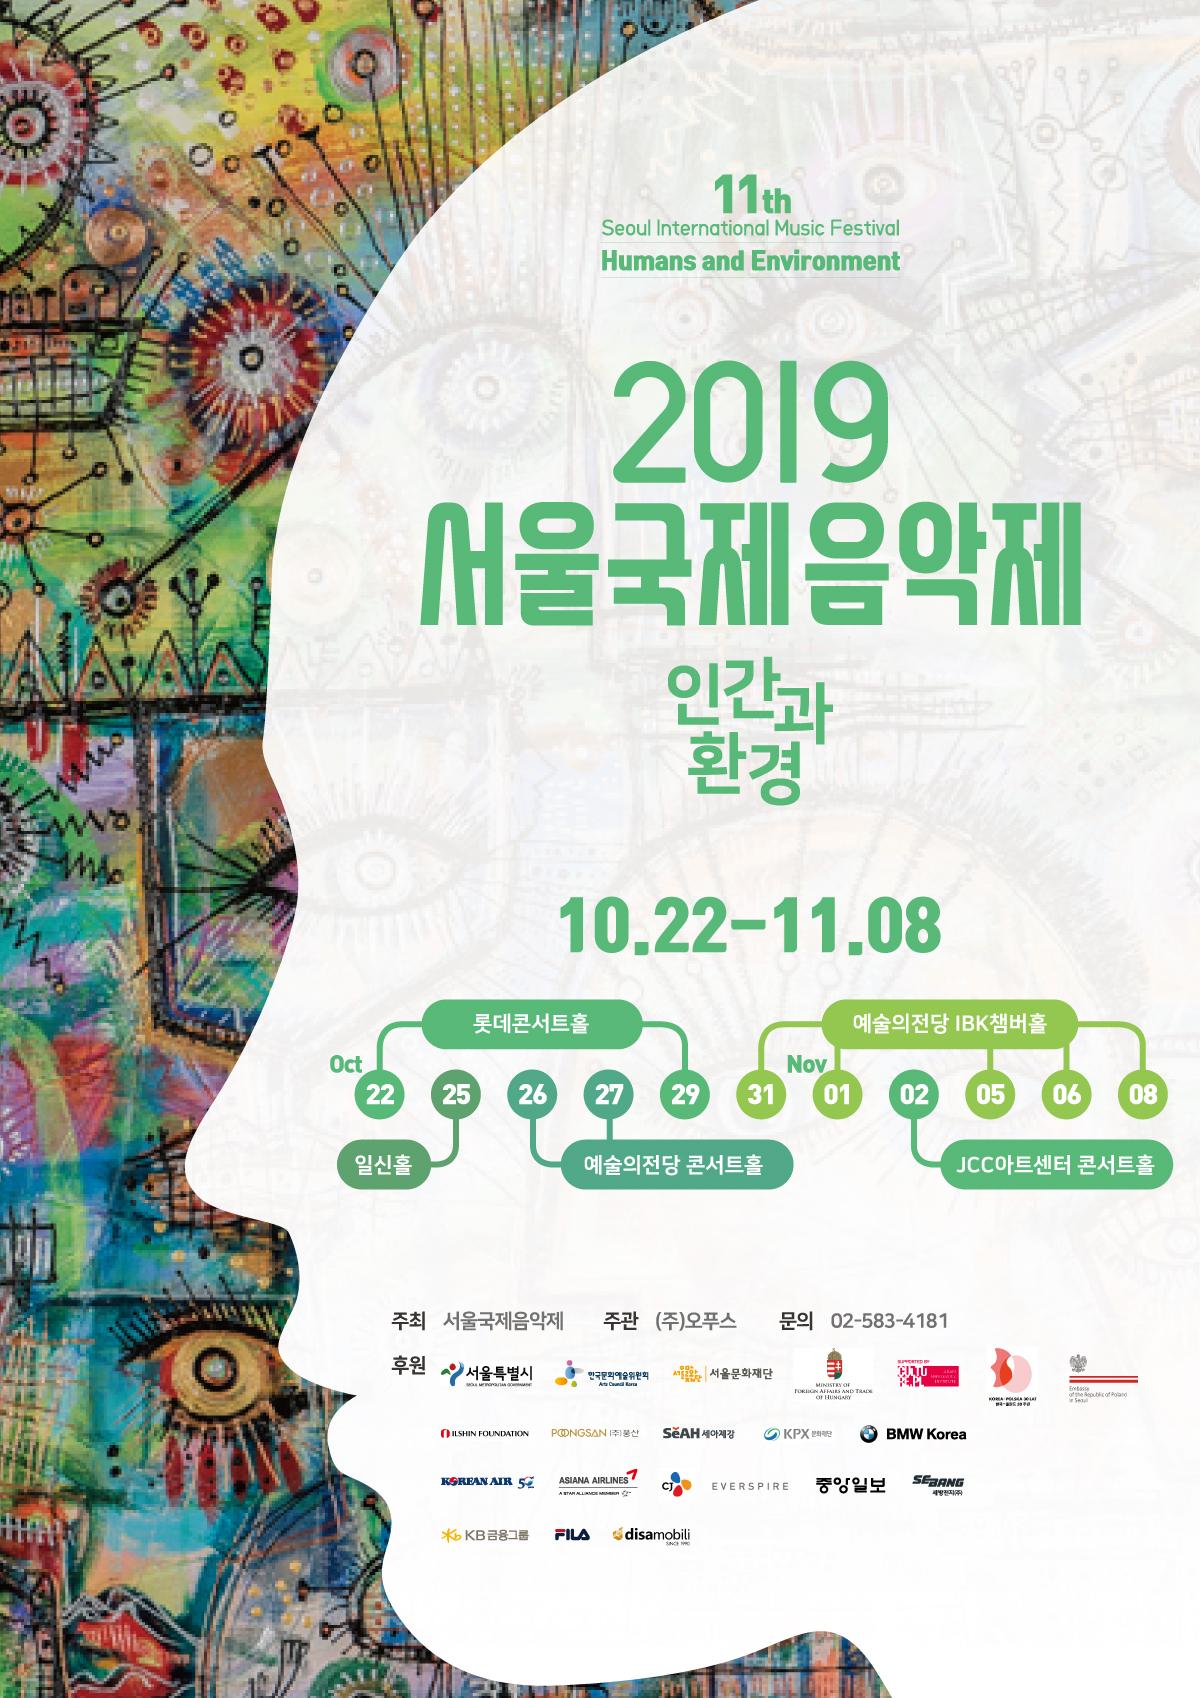 서울국제음악제 2019